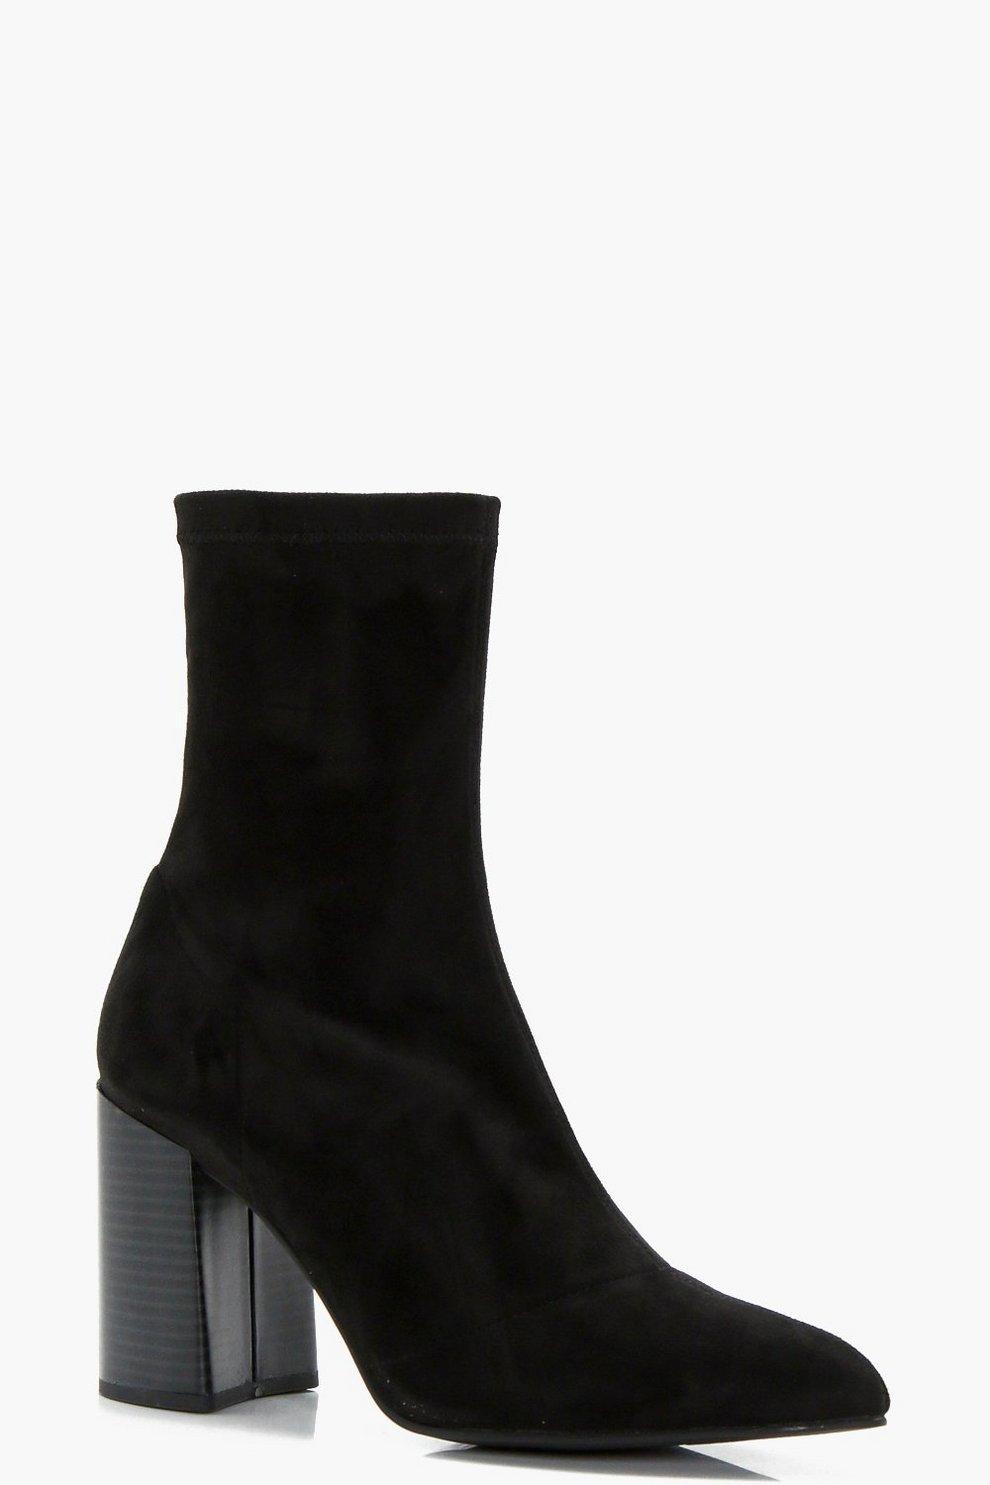 Boohoo Pointed Heeled Sock Boot Para Niza a la venta Imágenes en línea XUin23ivs